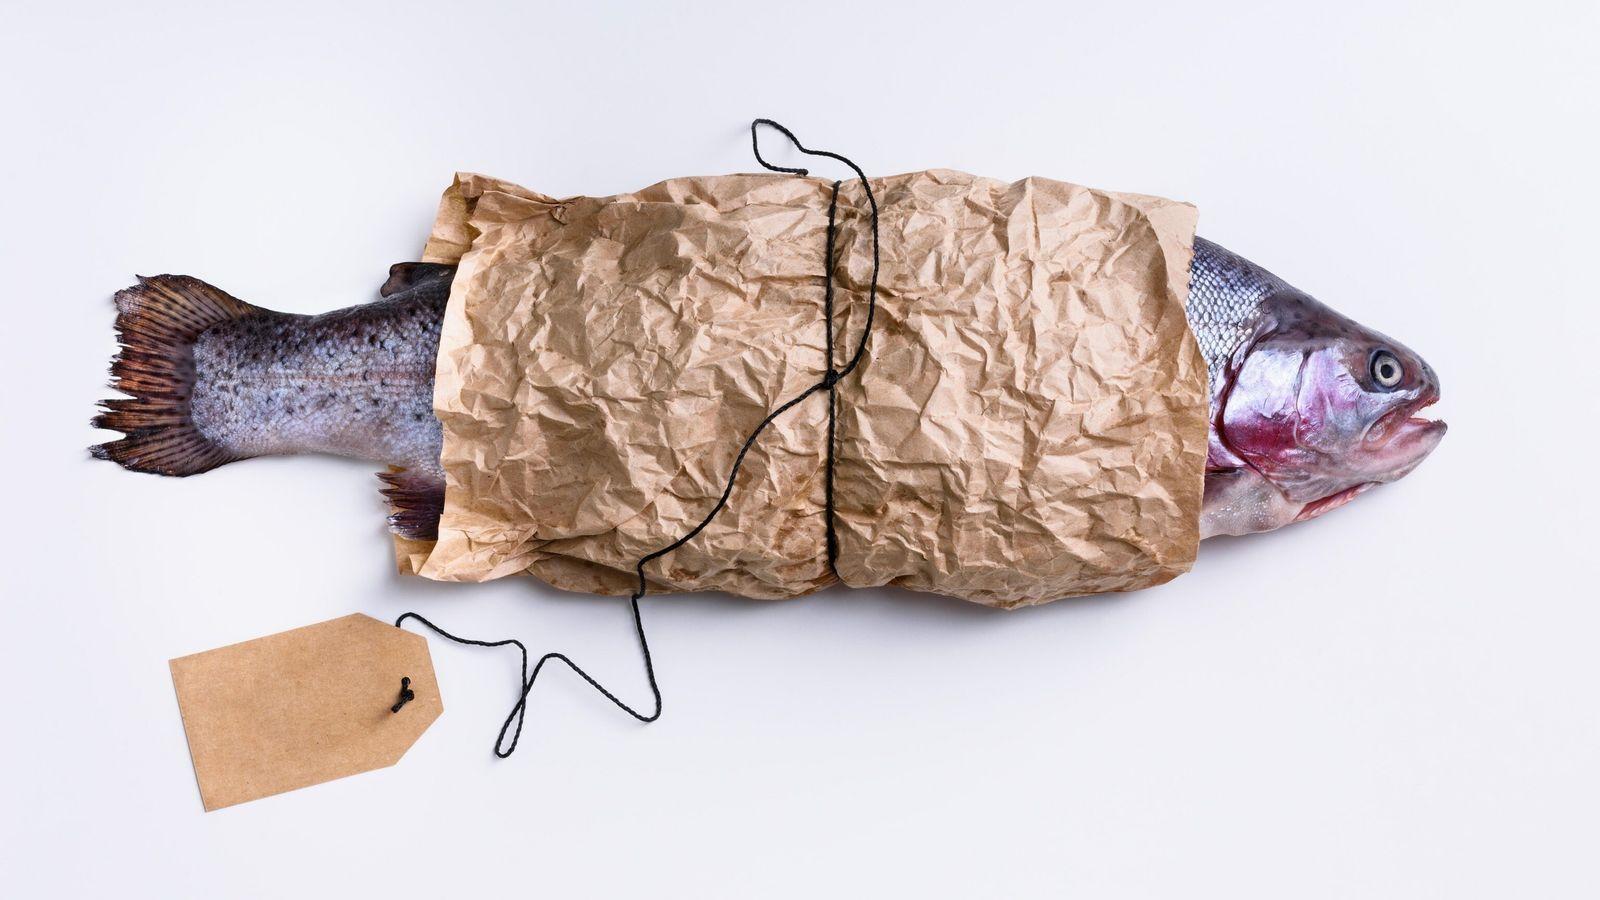 salmon wrapped